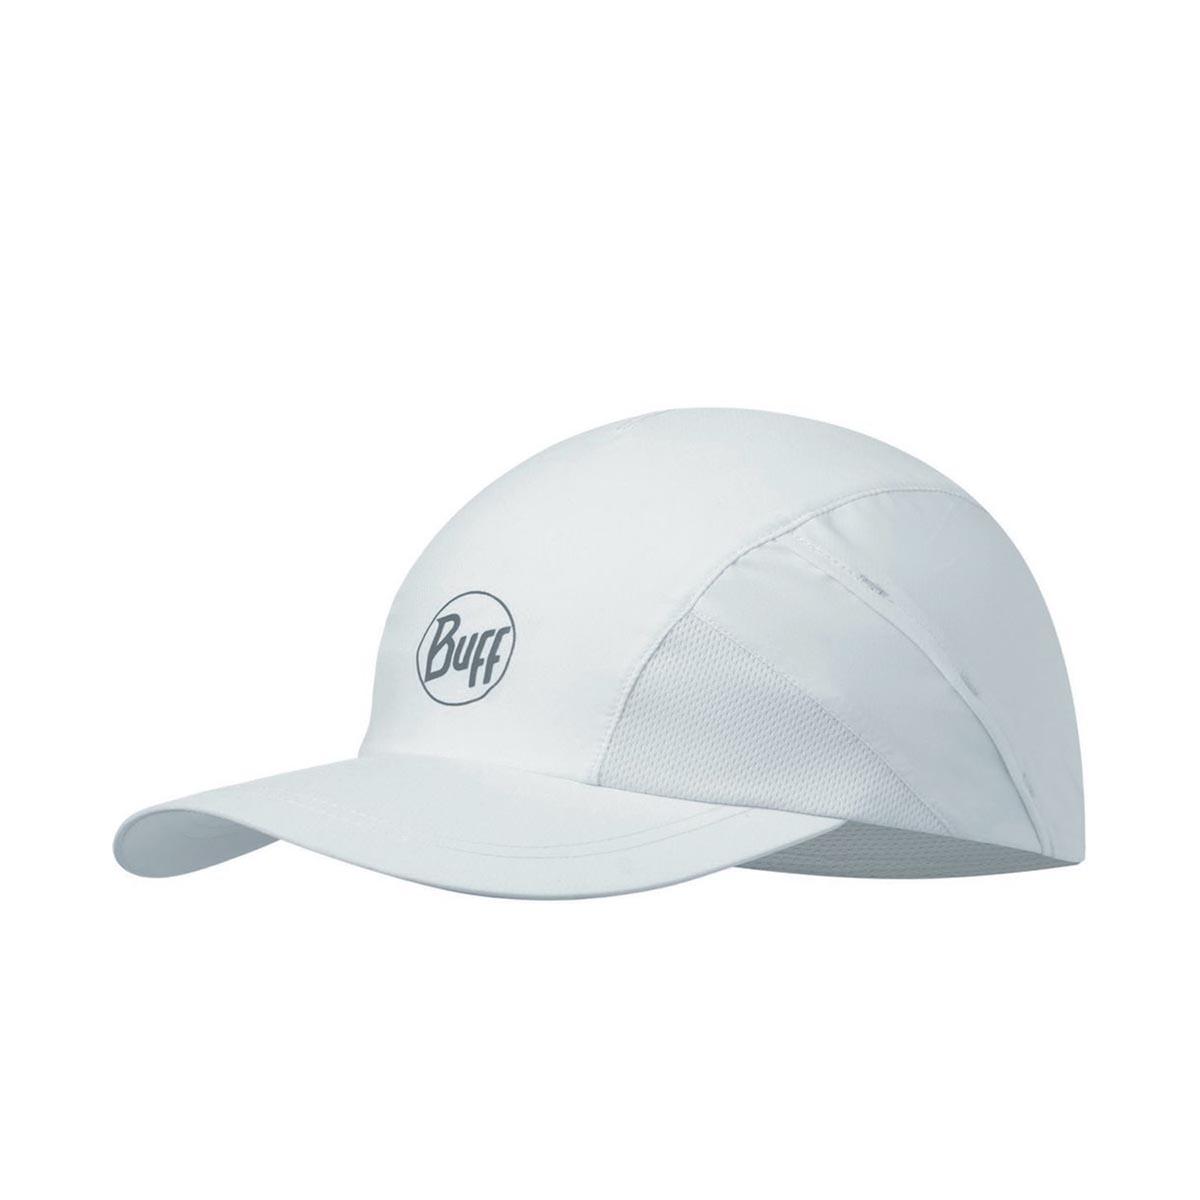 BUFF - PRO RUN CAP SOLID WHITE